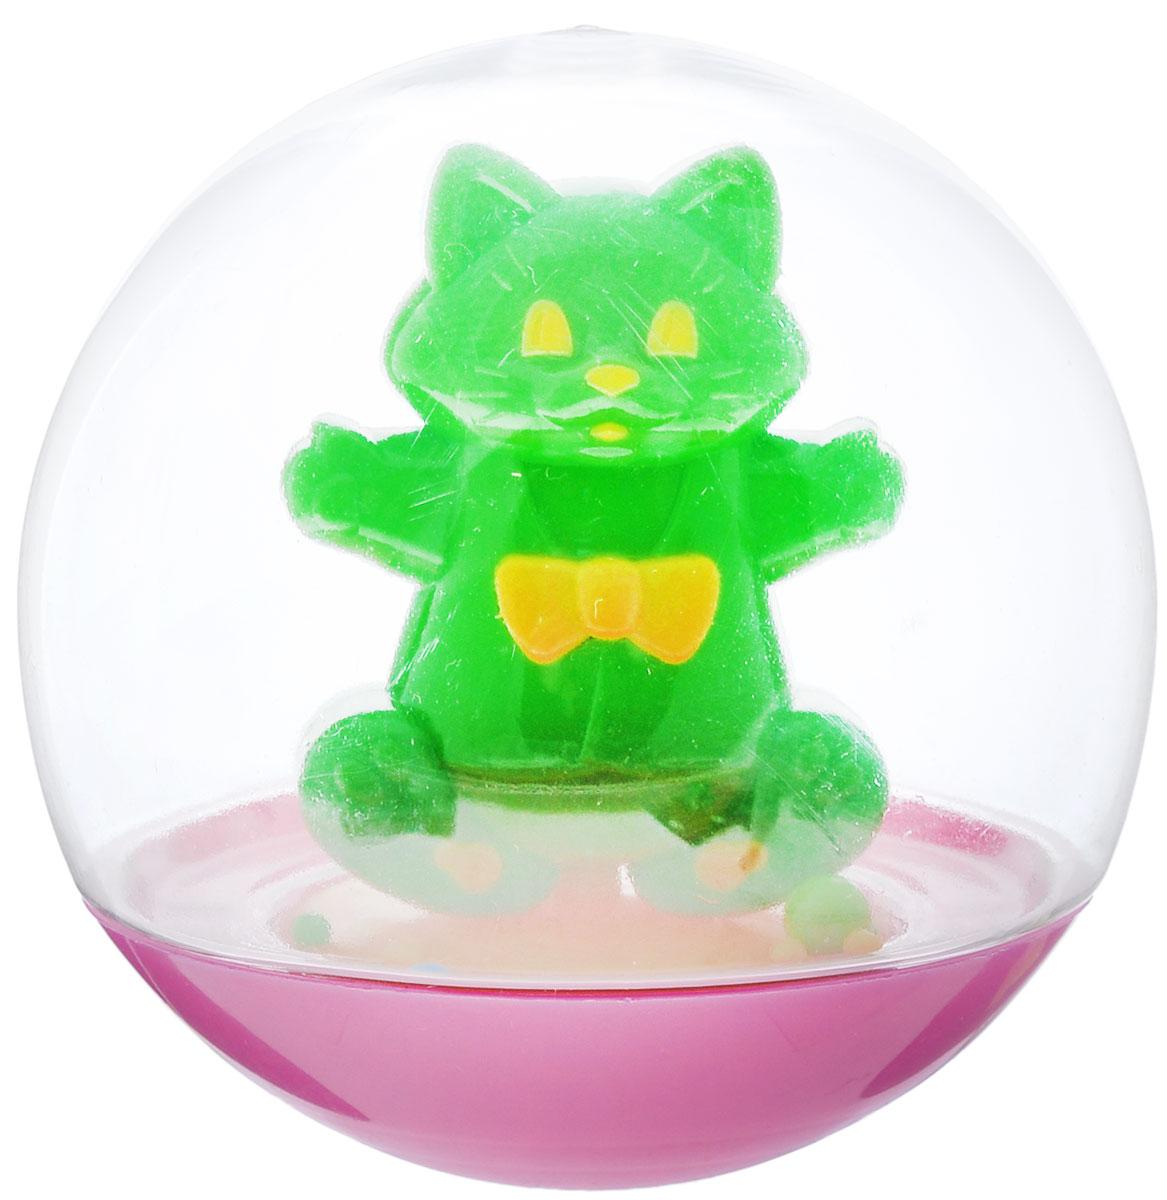 Stellar Погремушка-неваляшка Кот цвет зеленый